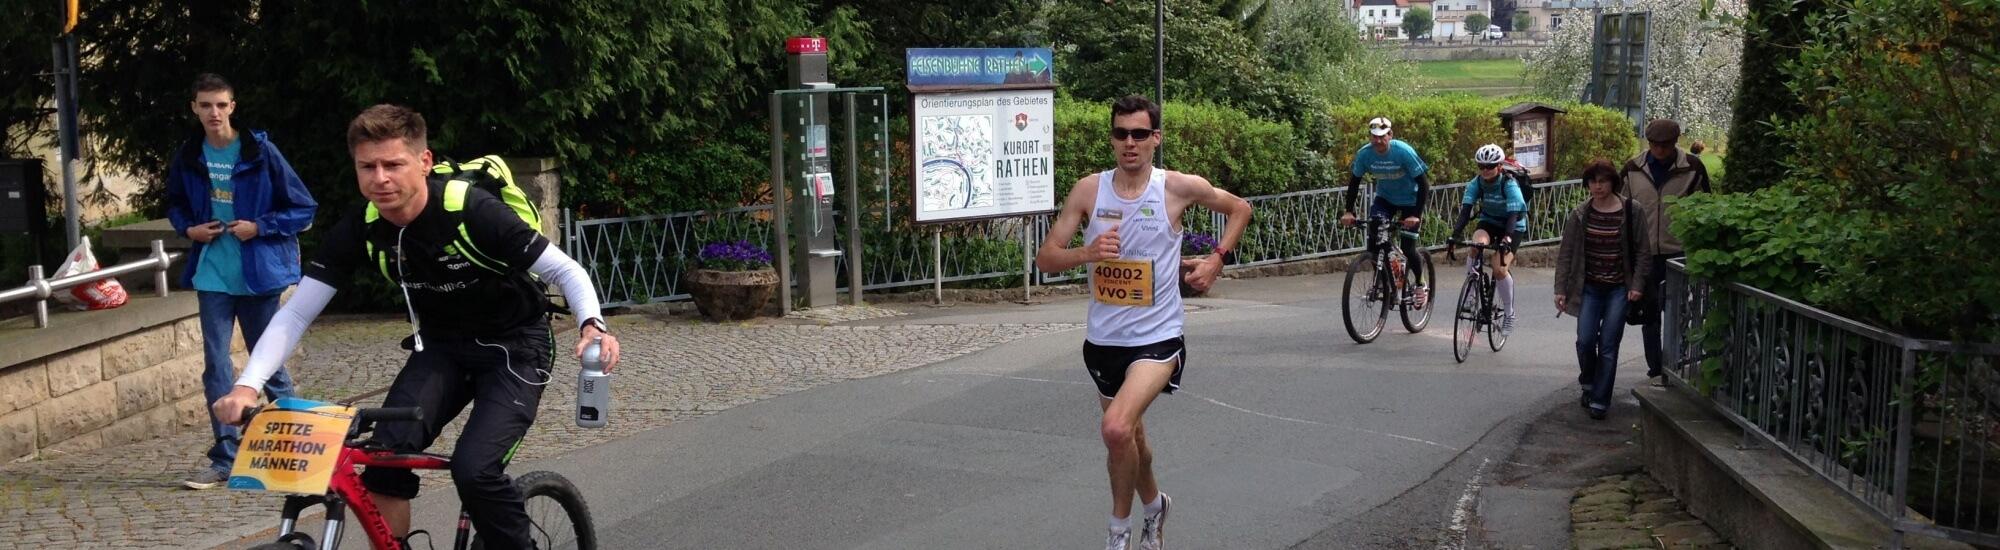 Elbradweg -Marathon